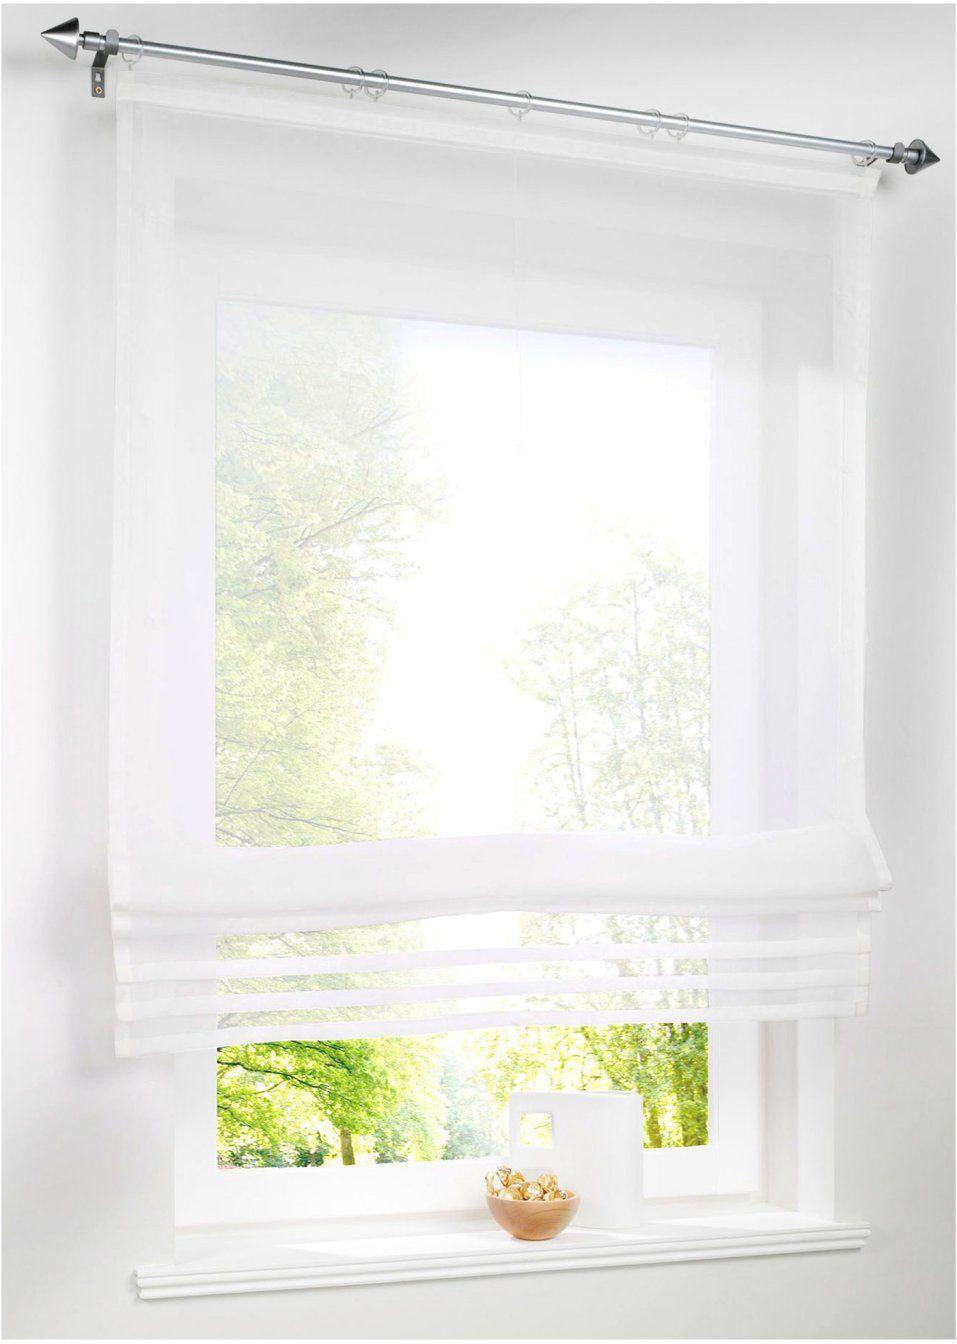 Full Size of Raffrollo Küchenfenster Transparentes Einfarbig Küche Wohnzimmer Raffrollo Küchenfenster